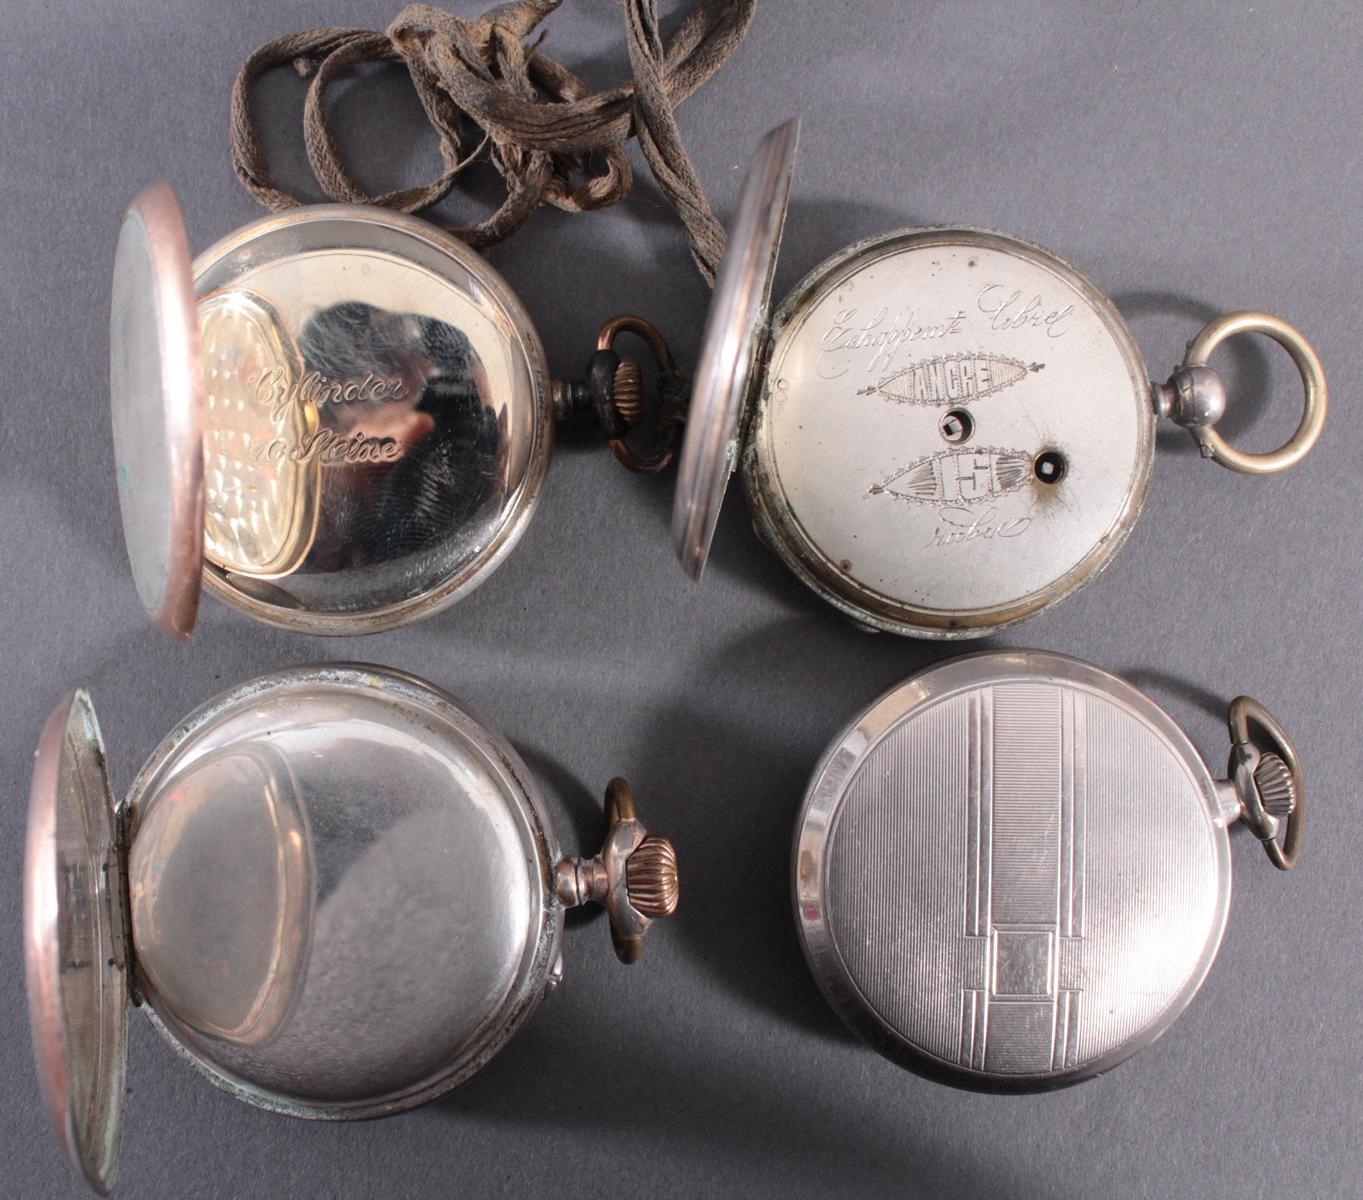 4 Taschenuhren davon 1 aus Silber-5